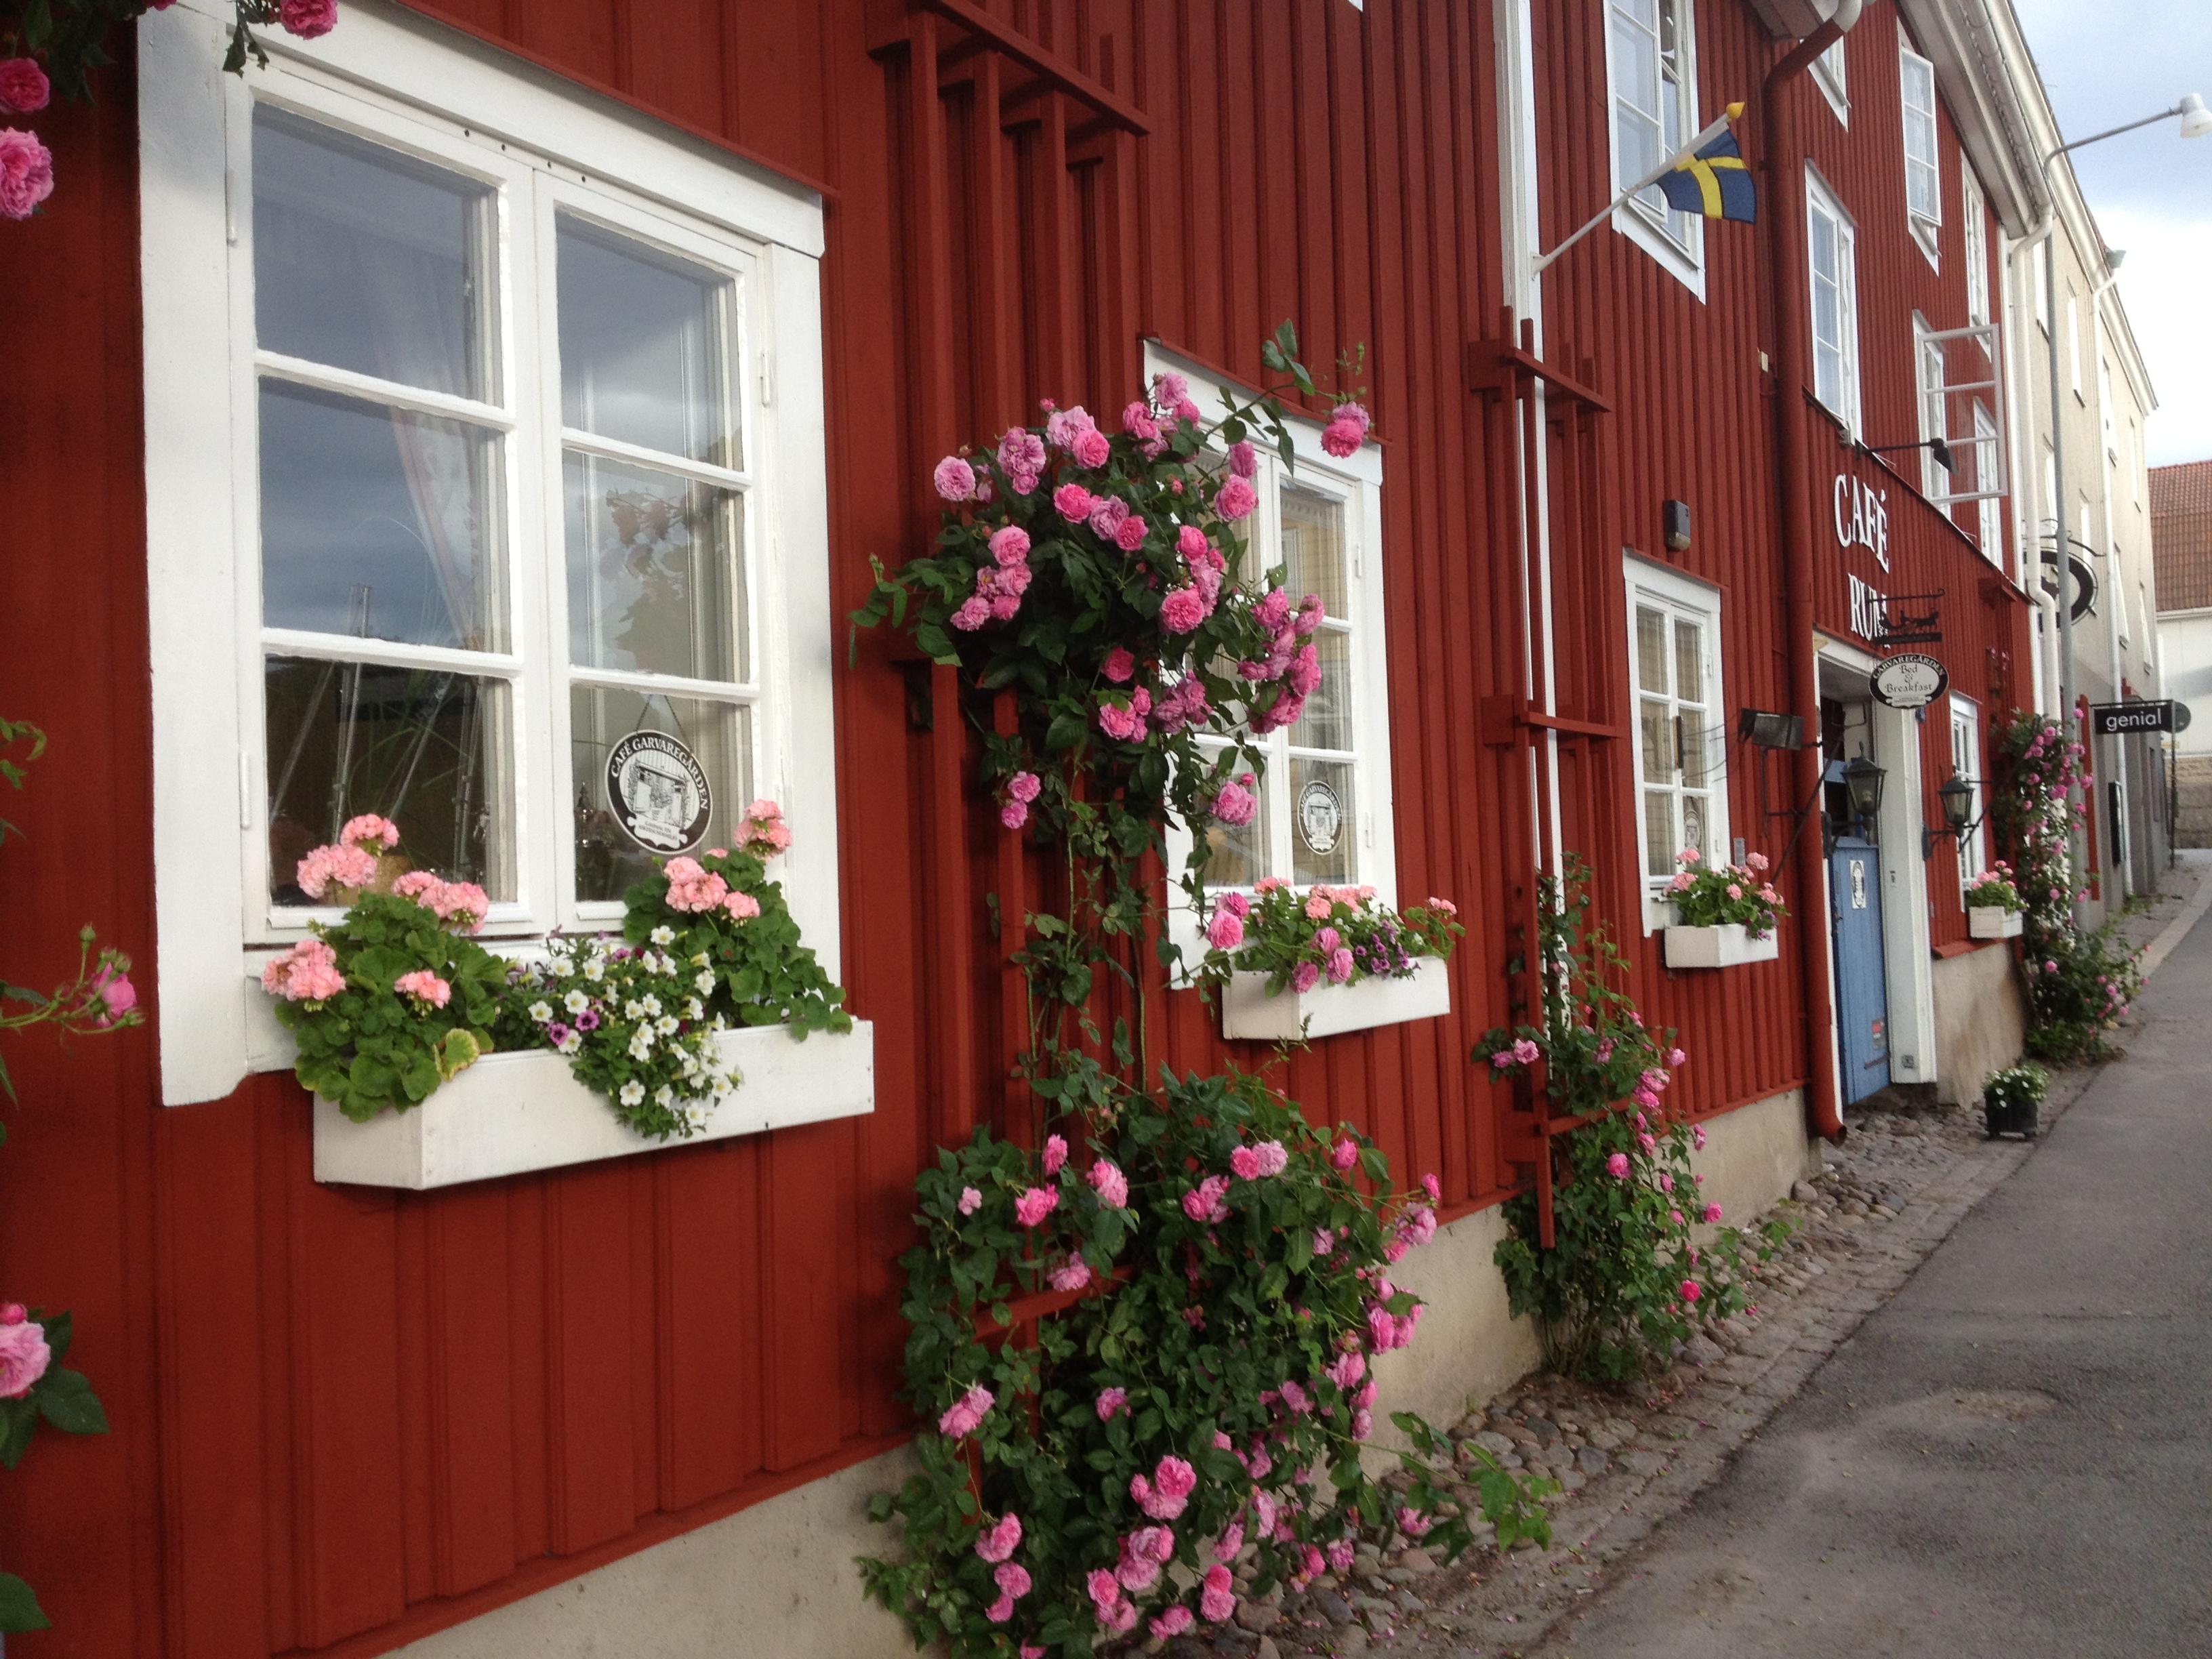 Mysigt vintage bed and breakfast i askersund   luna eks trädgårdsblogg